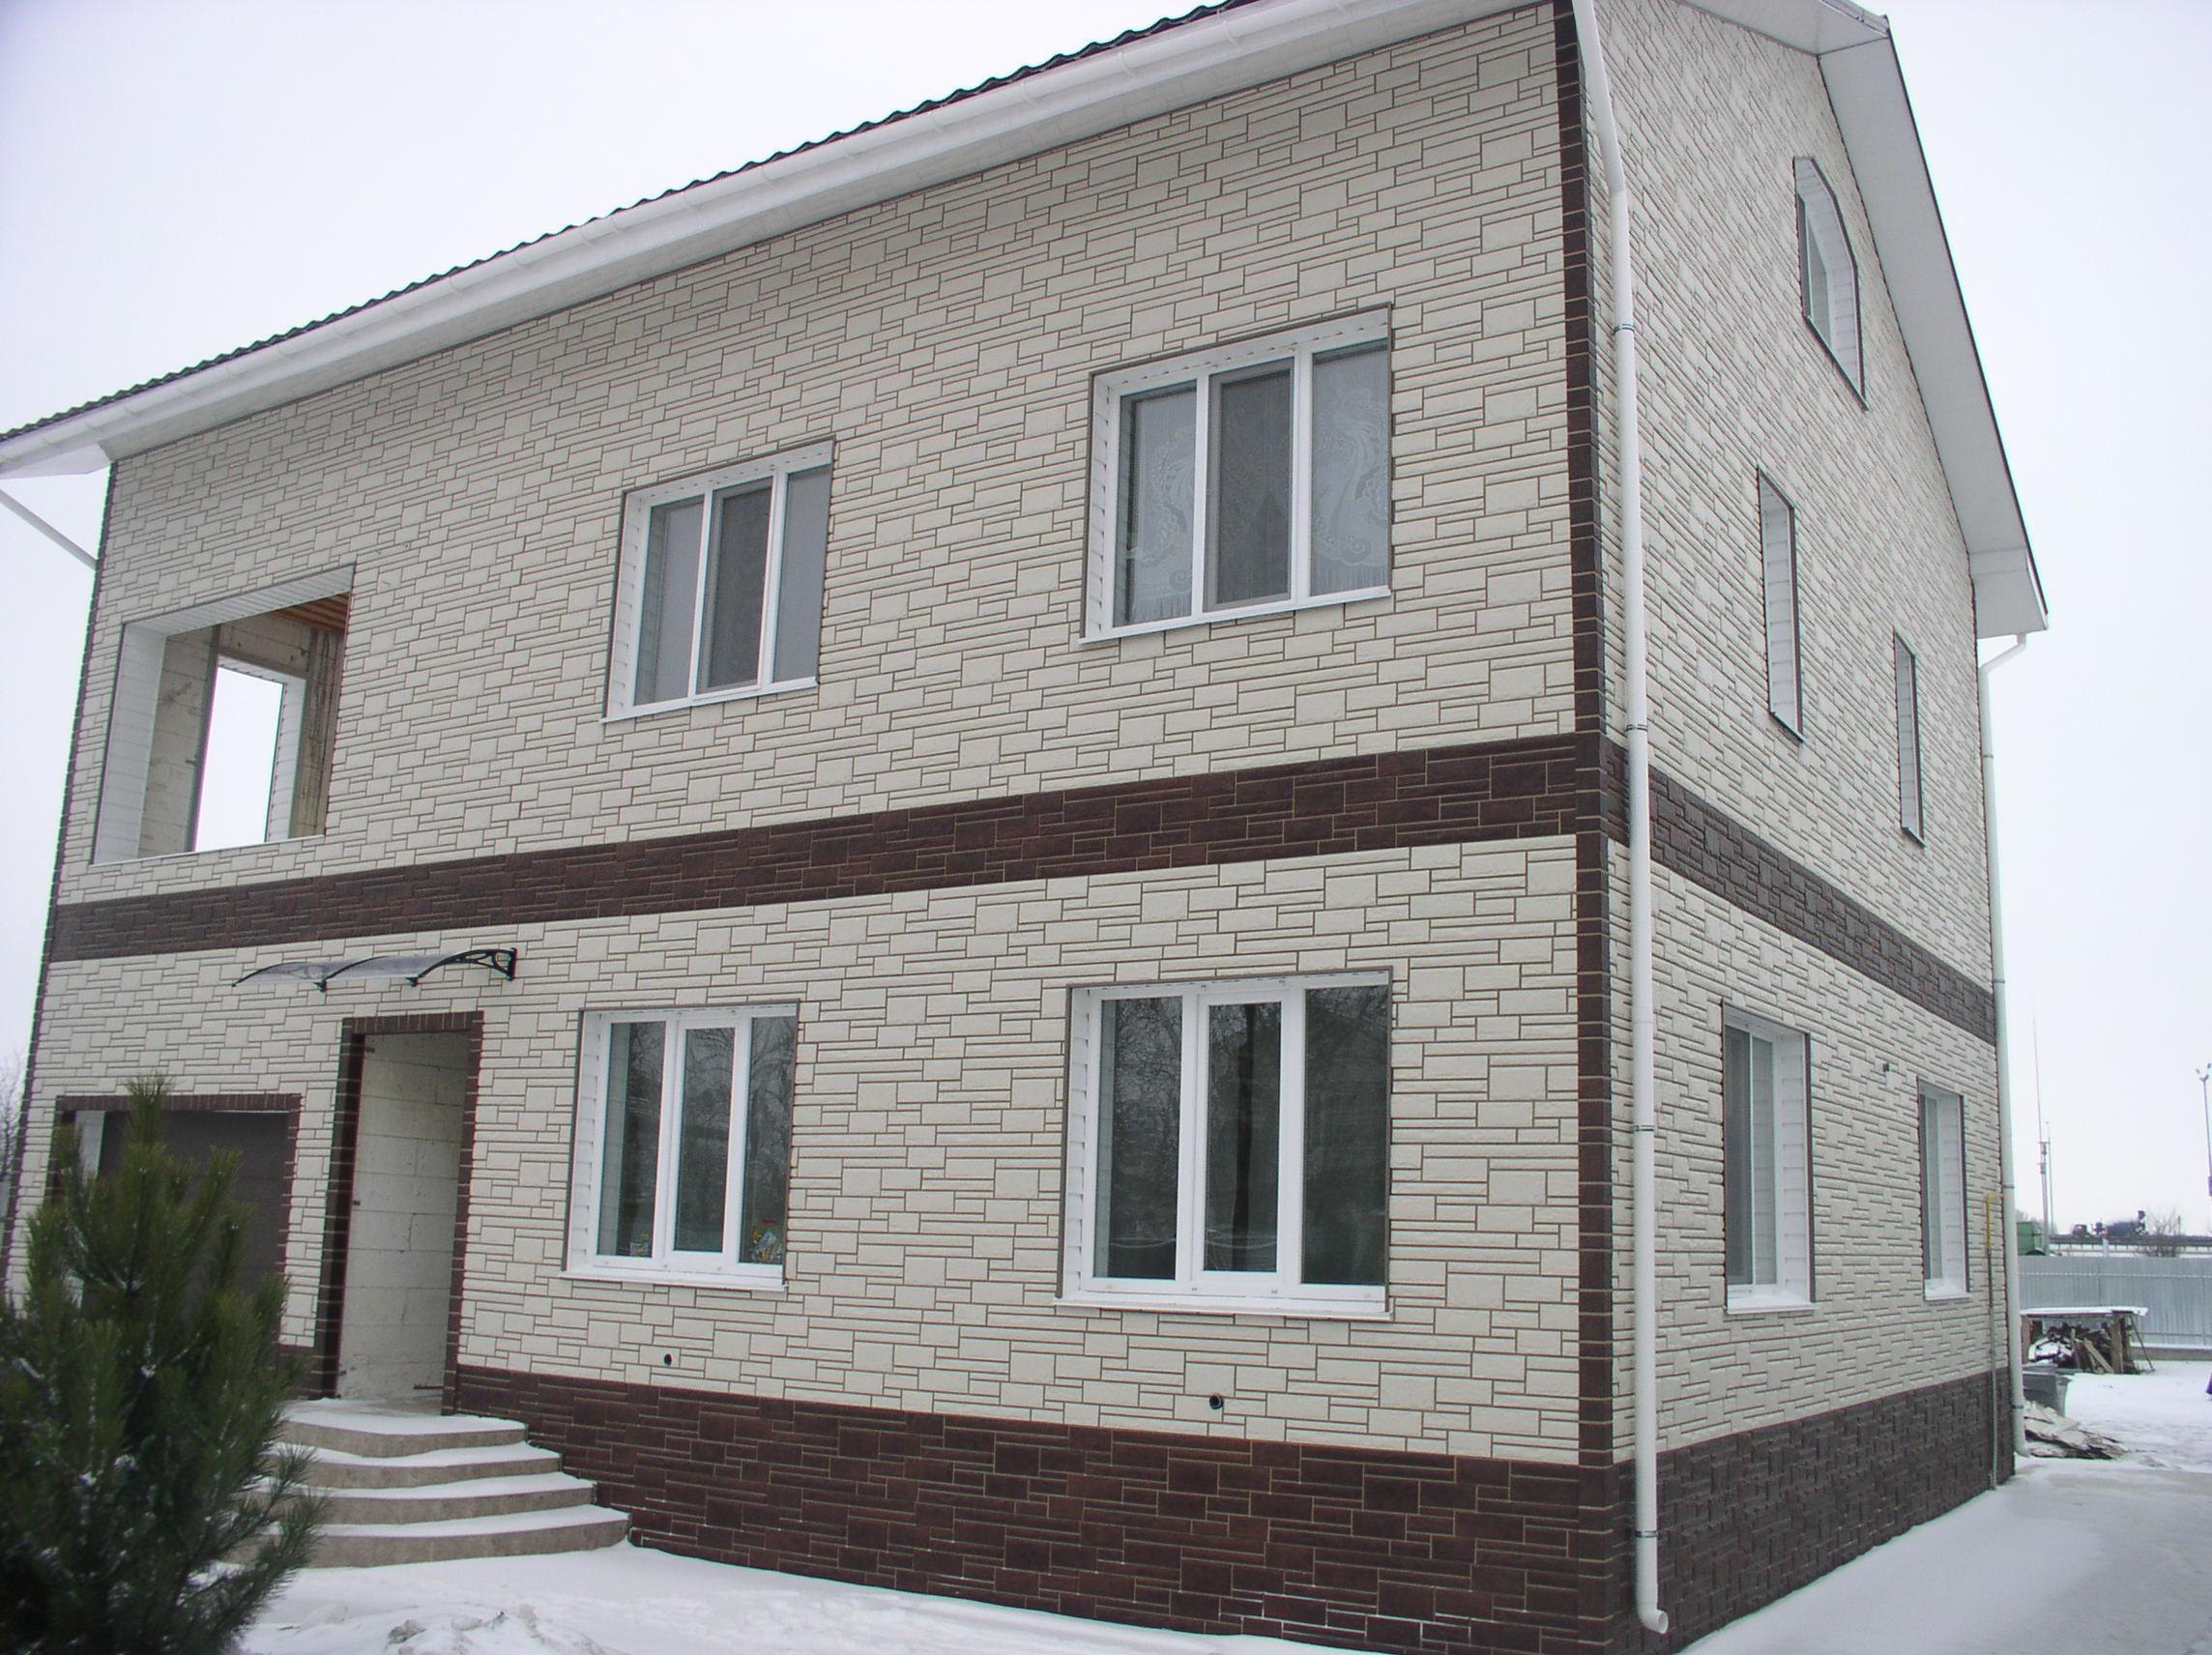 Фасадные панели двухэтажного дома